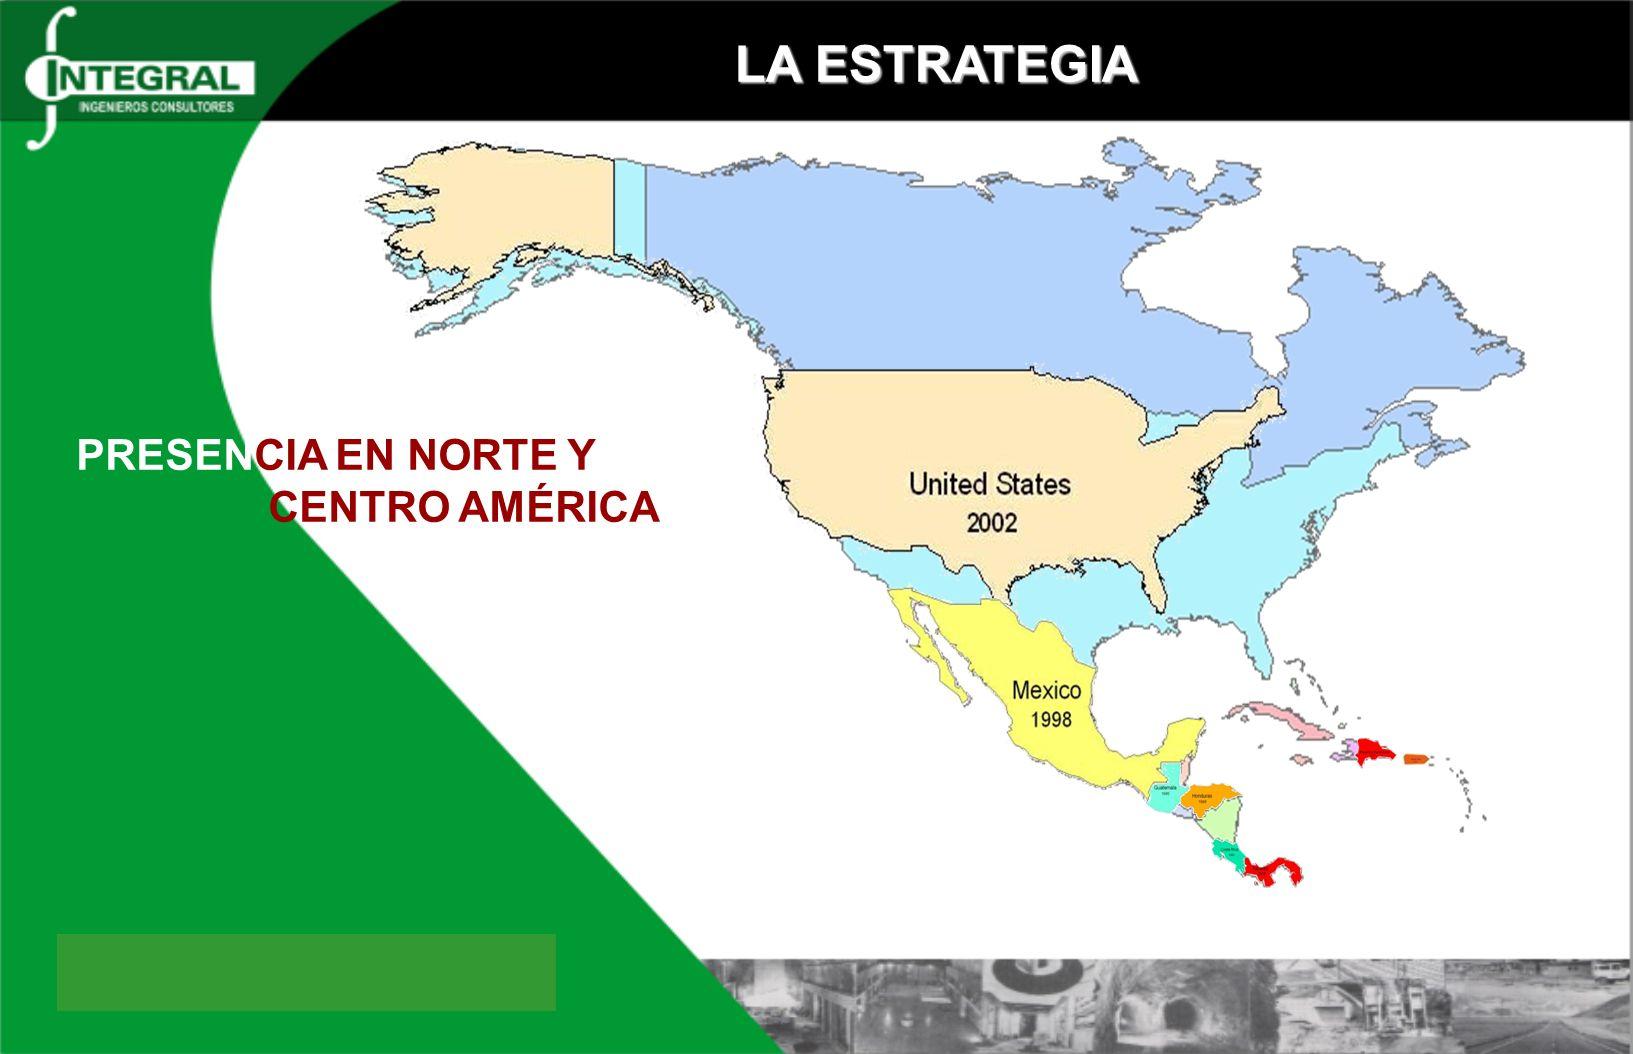 LA ESTRATEGIA PRESENCIA EN NORTE Y CENTRO AMÉRICA